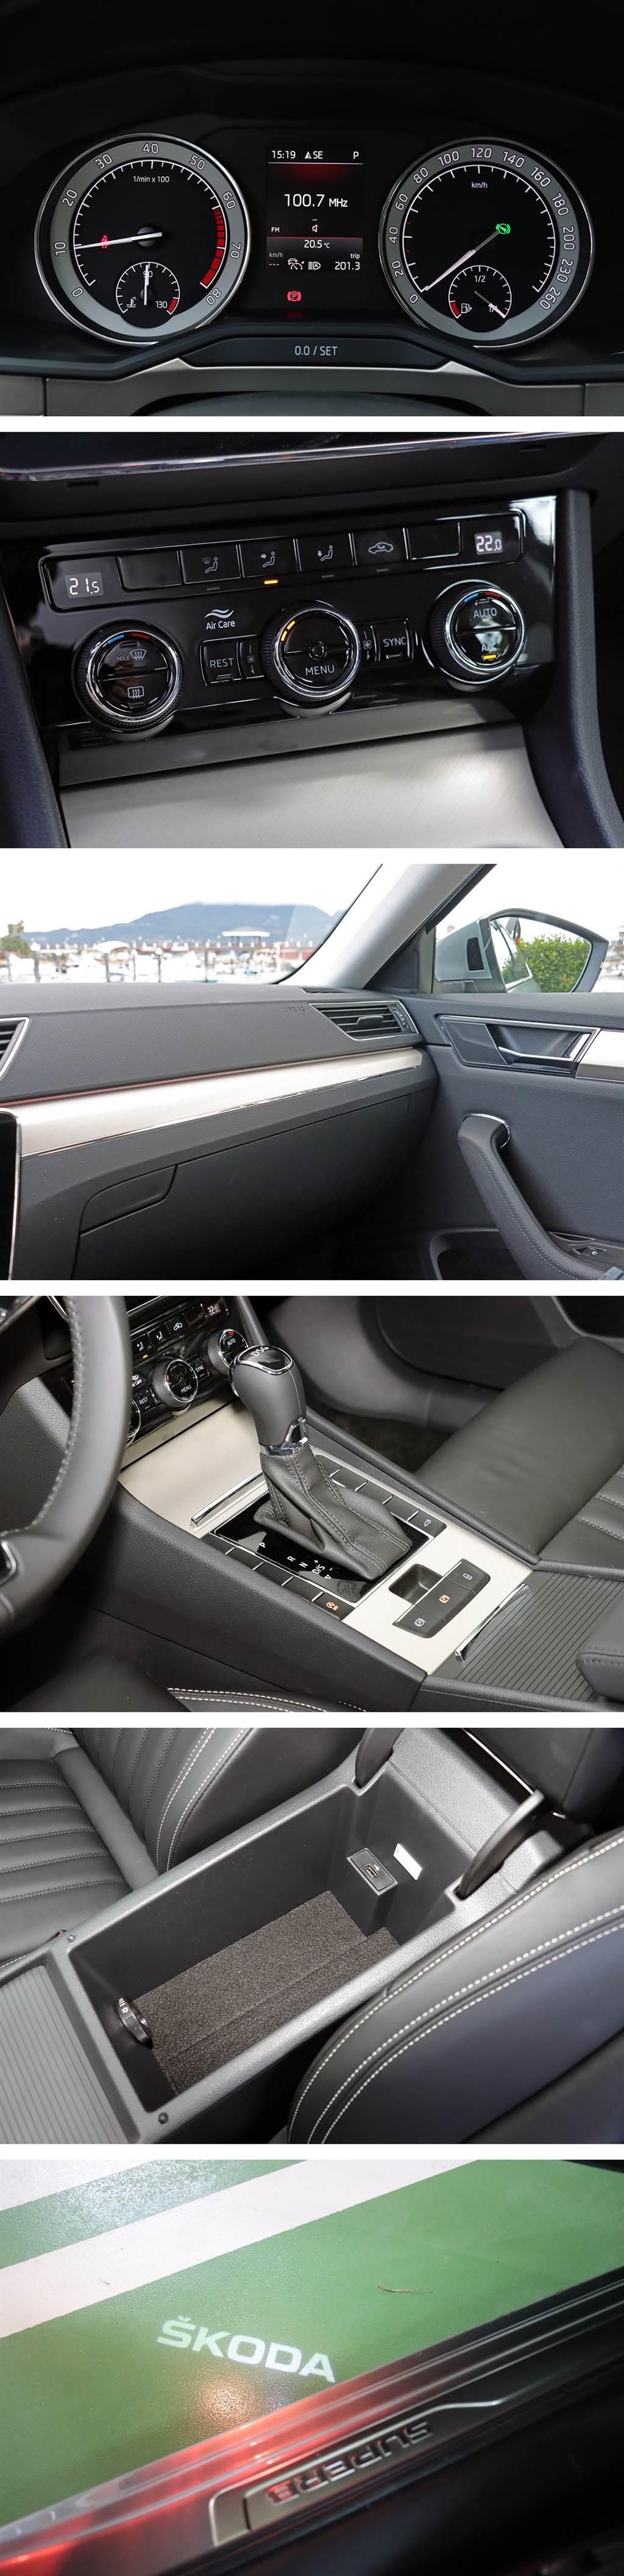 延續優雅的轎車本質,2021 Škoda Superb Sedan 1.5 TSI 菁英型